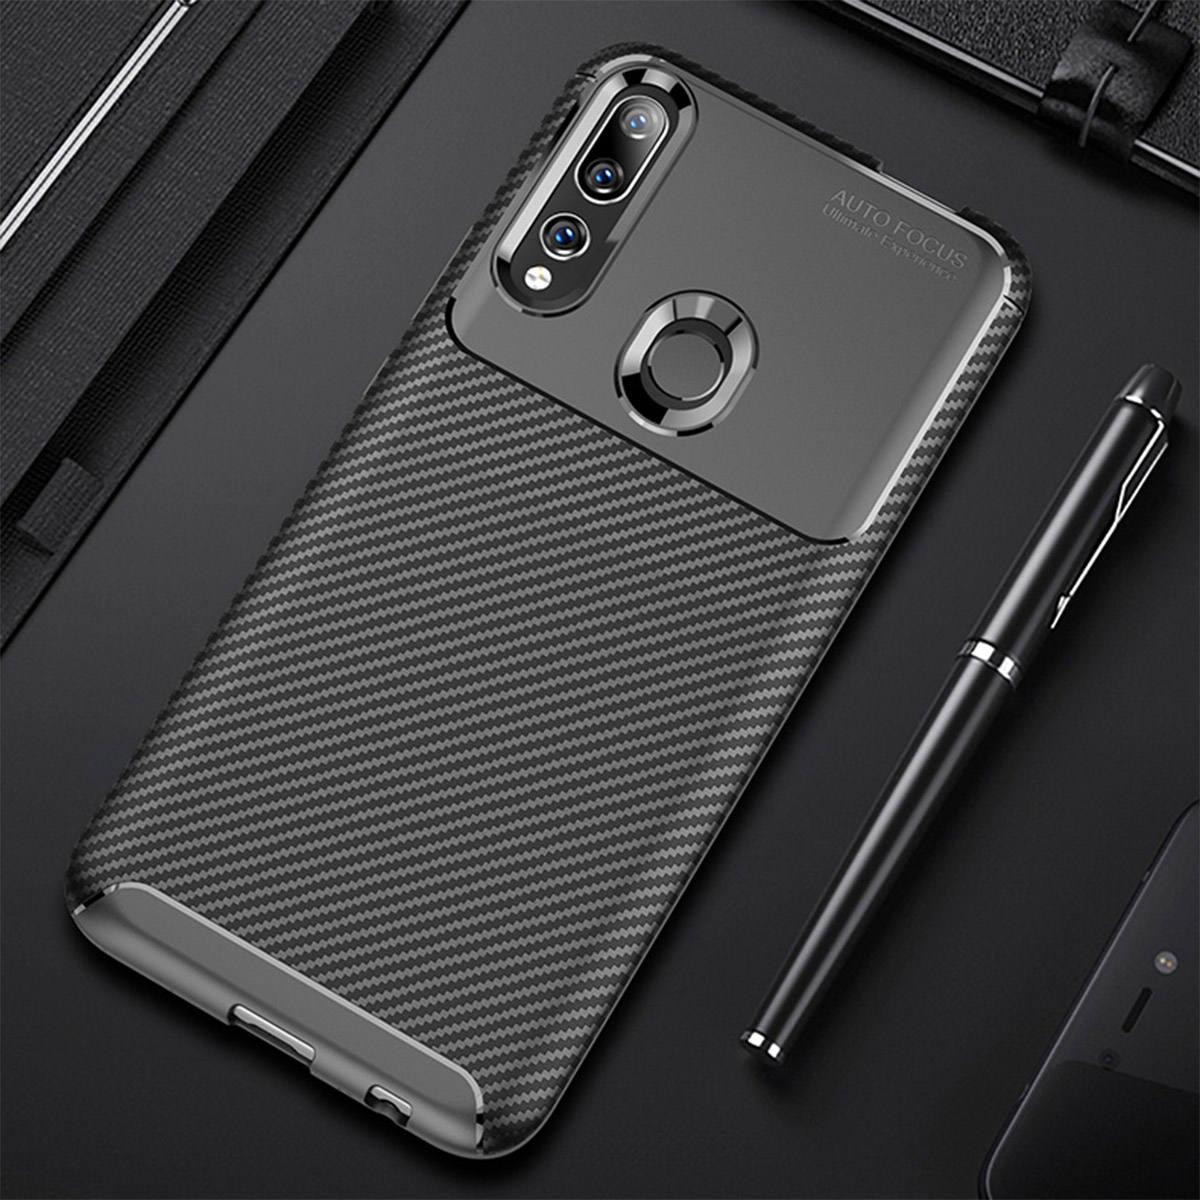 کاور لاین کینگ مدل A21 مناسب برای گوشی موبایل هوآوی Y9 Prime 2019 / آنر 9X thumb 2 23